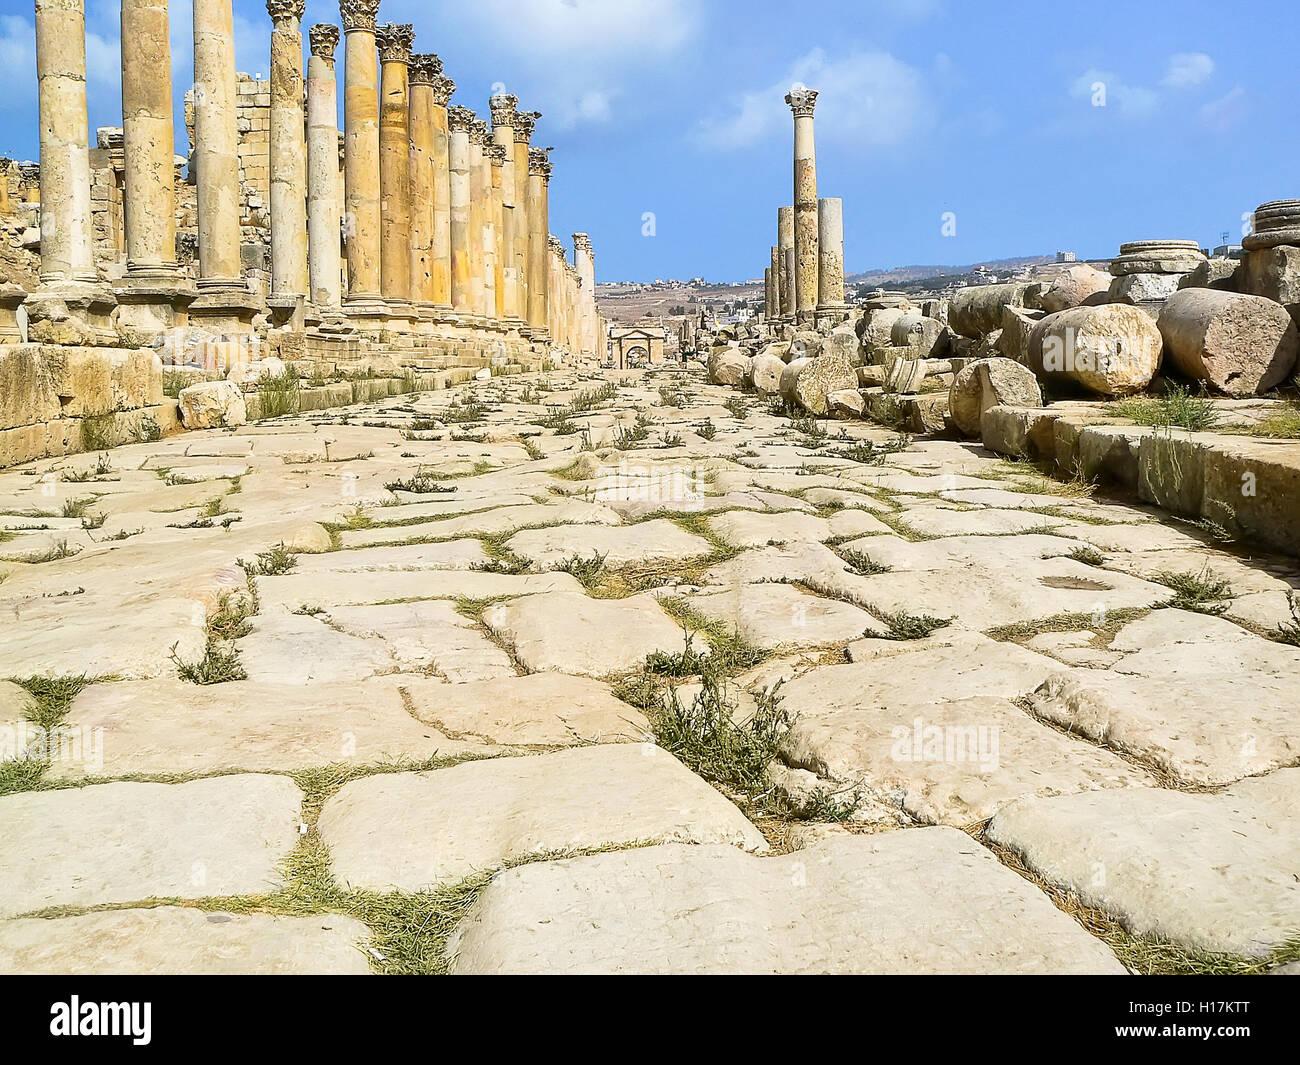 Contrassegni di cartwheels romano, Jerash, Giordania Immagini Stock